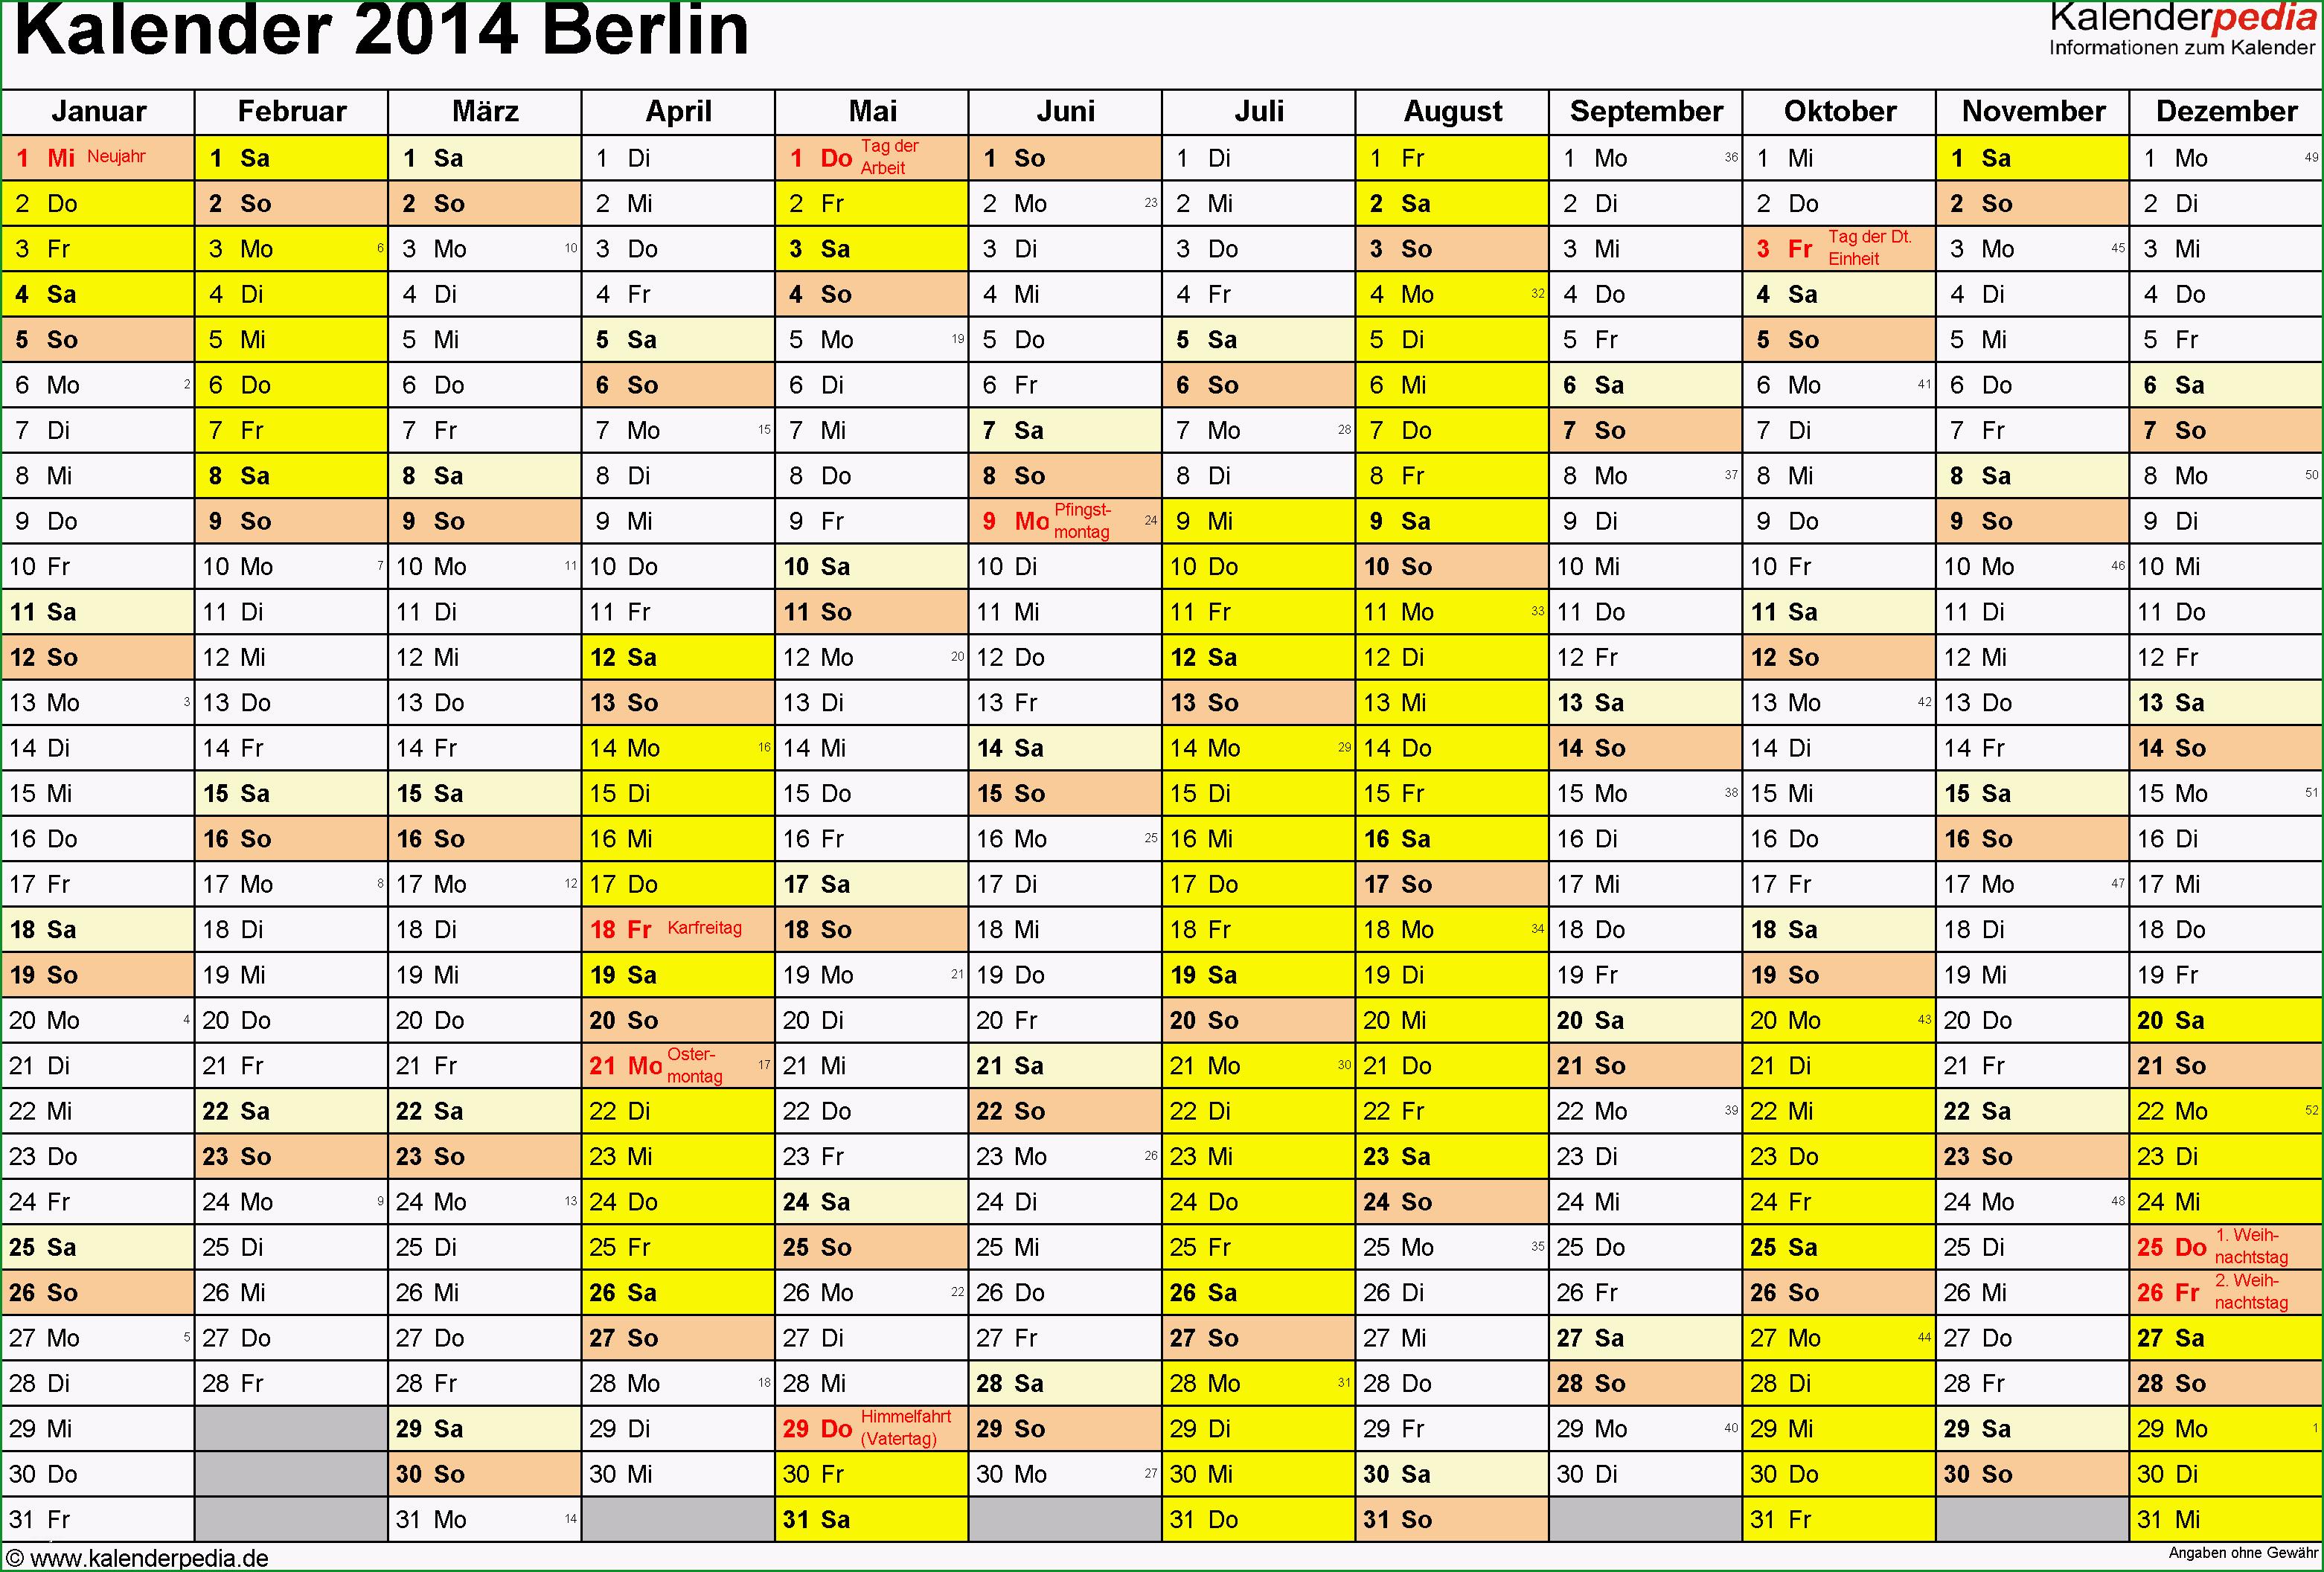 kalender 2014 berlin excel vorlagen